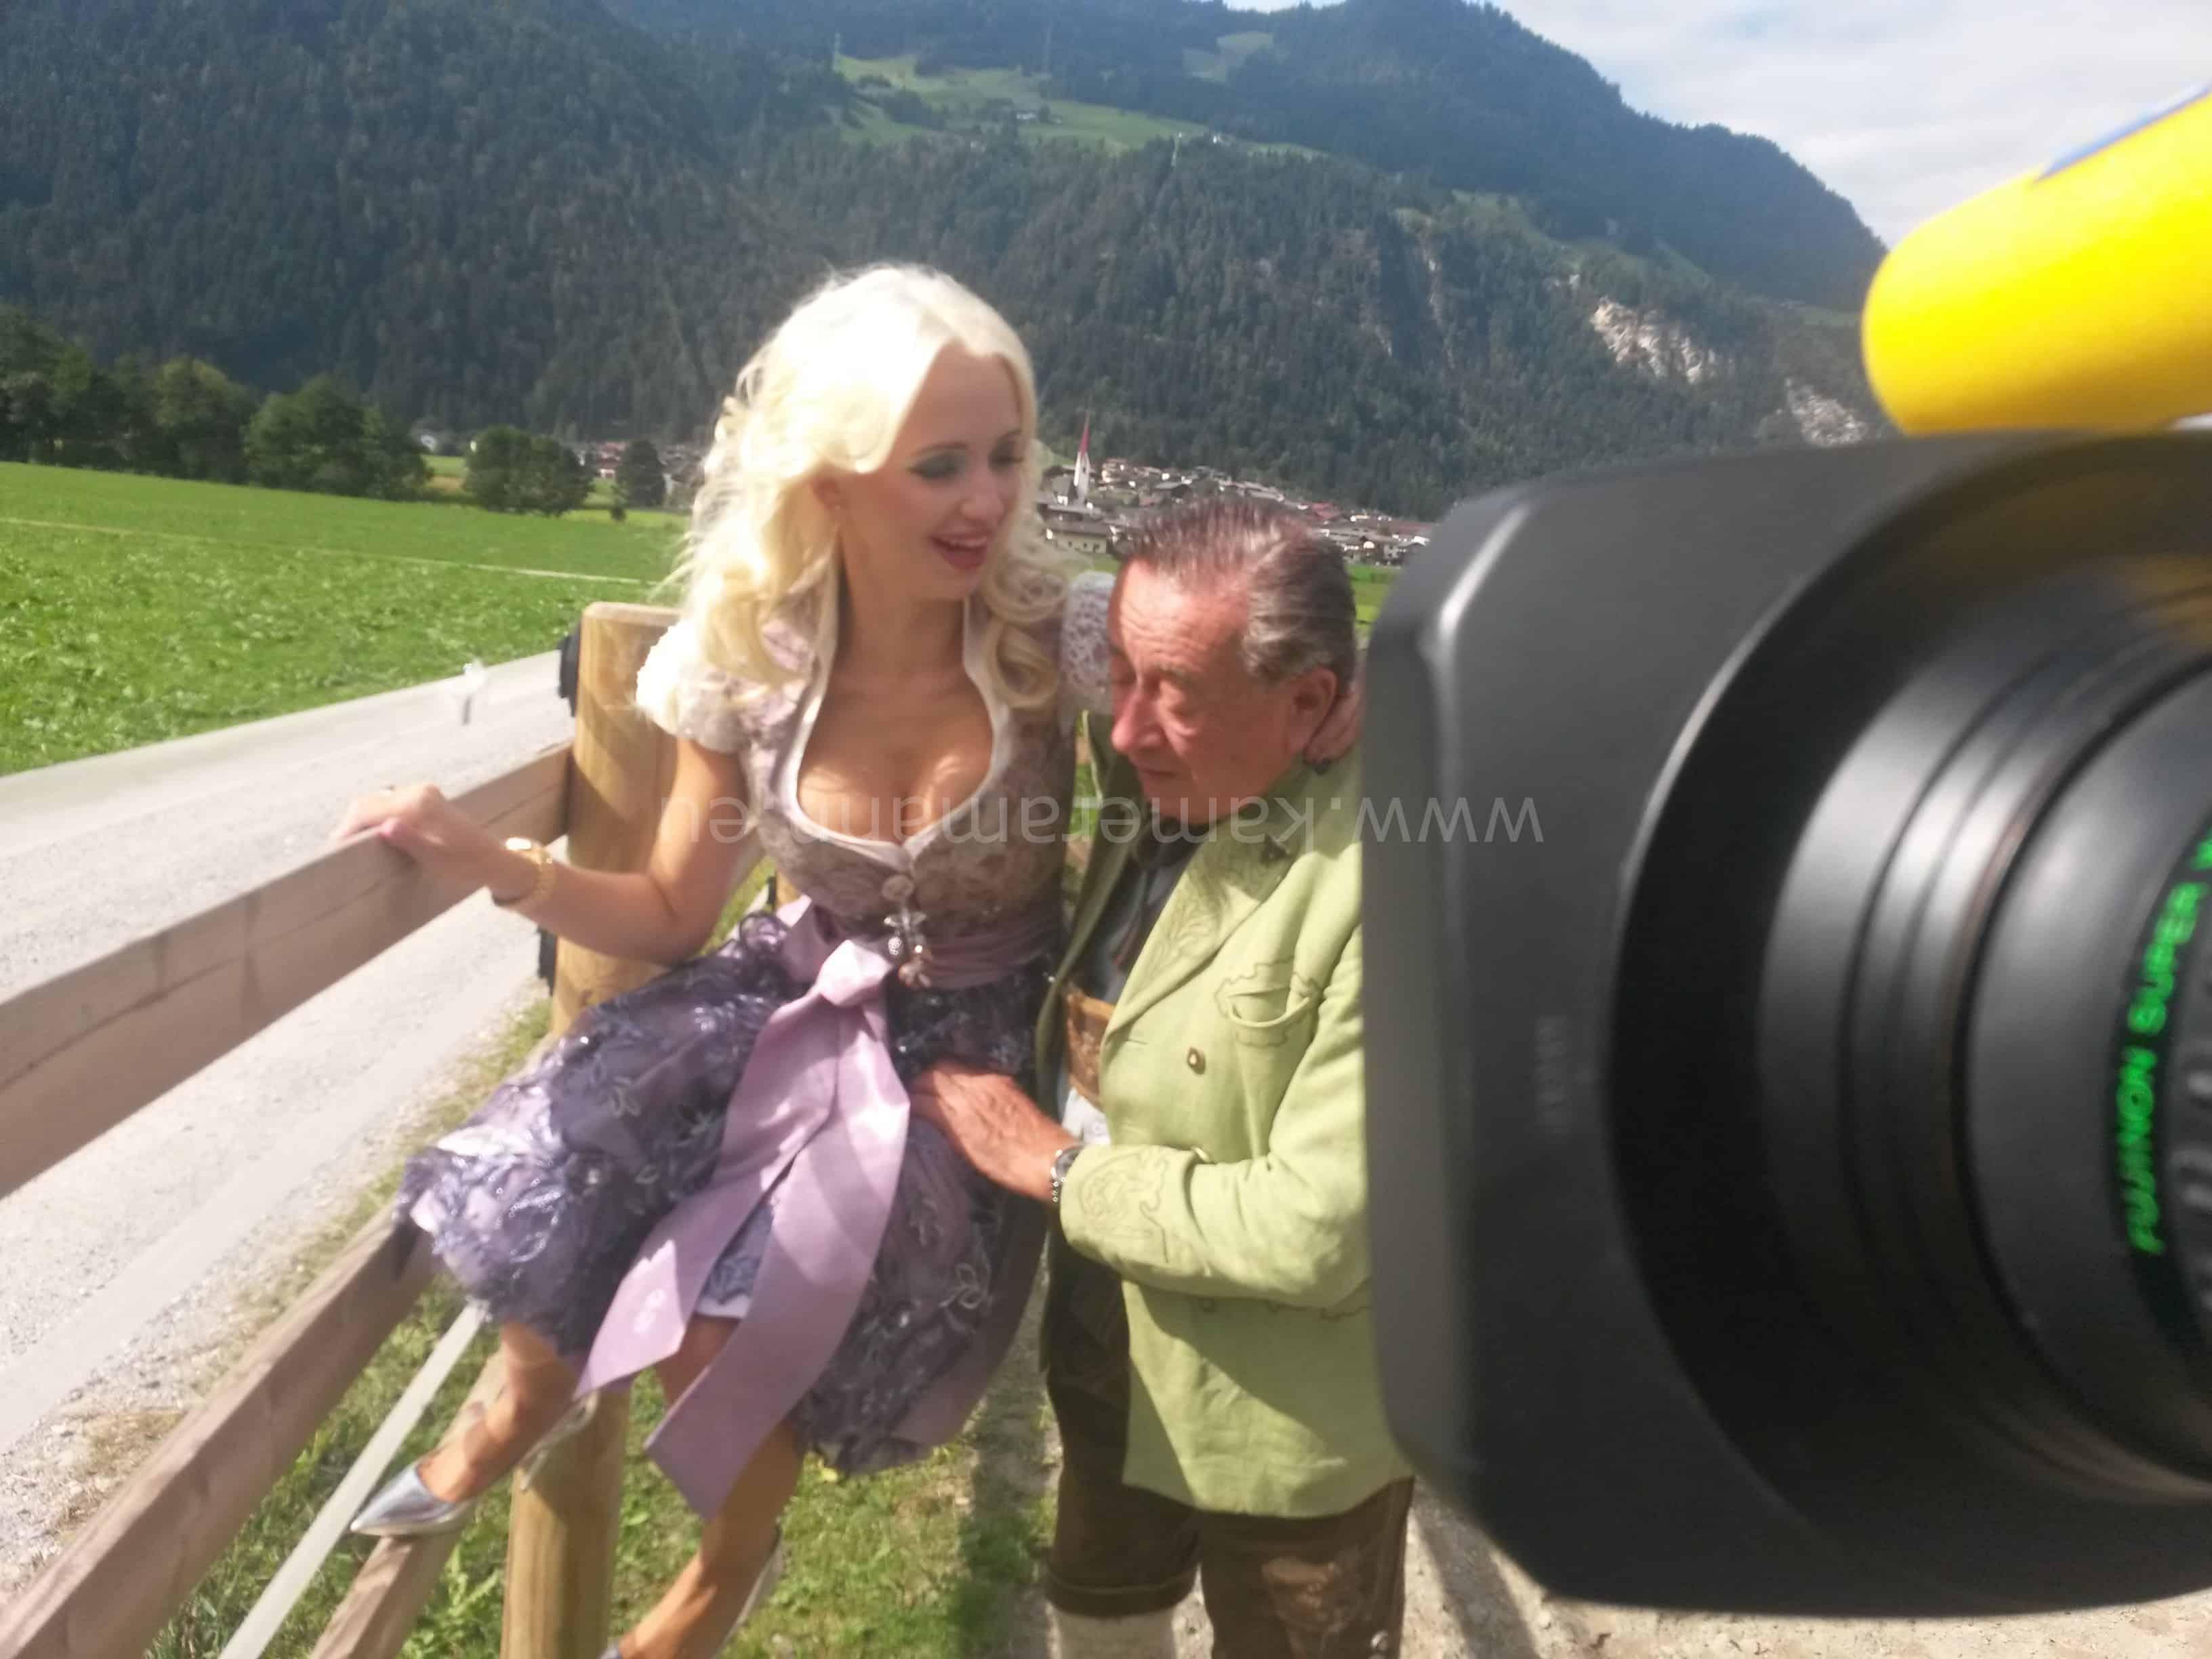 wpid 20150919 120001 e1442781548102 - RTL -  Dreharbeiten mit Cathy und Richard Lugner